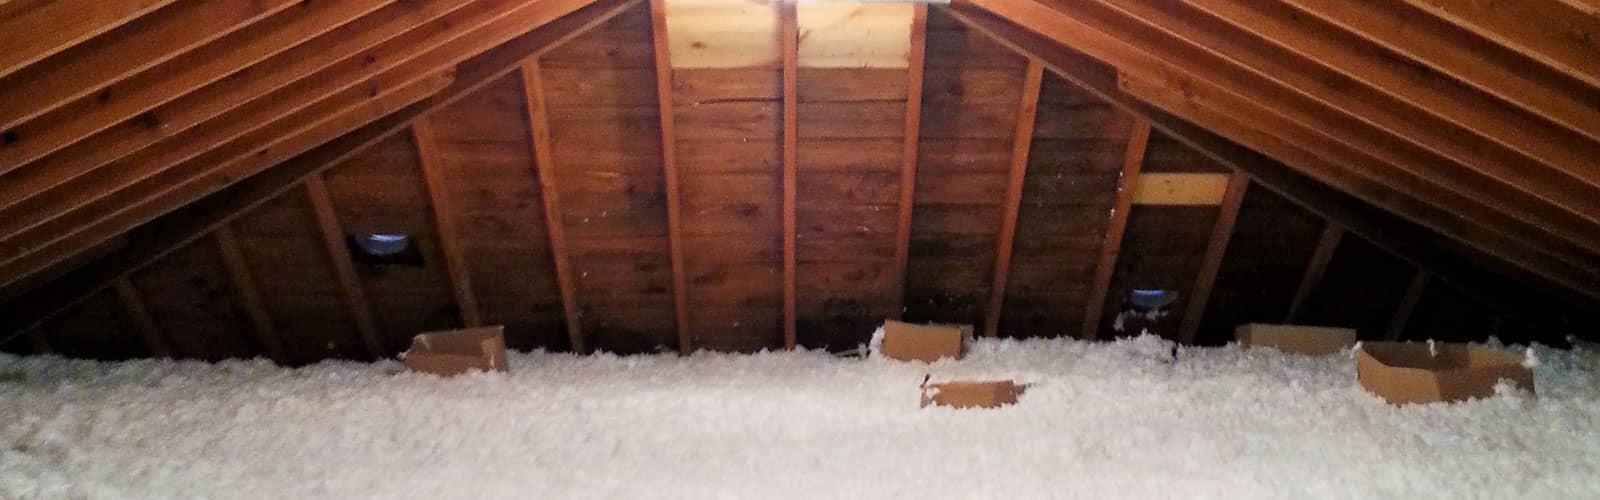 blown-in-insulation saint louis, missouri